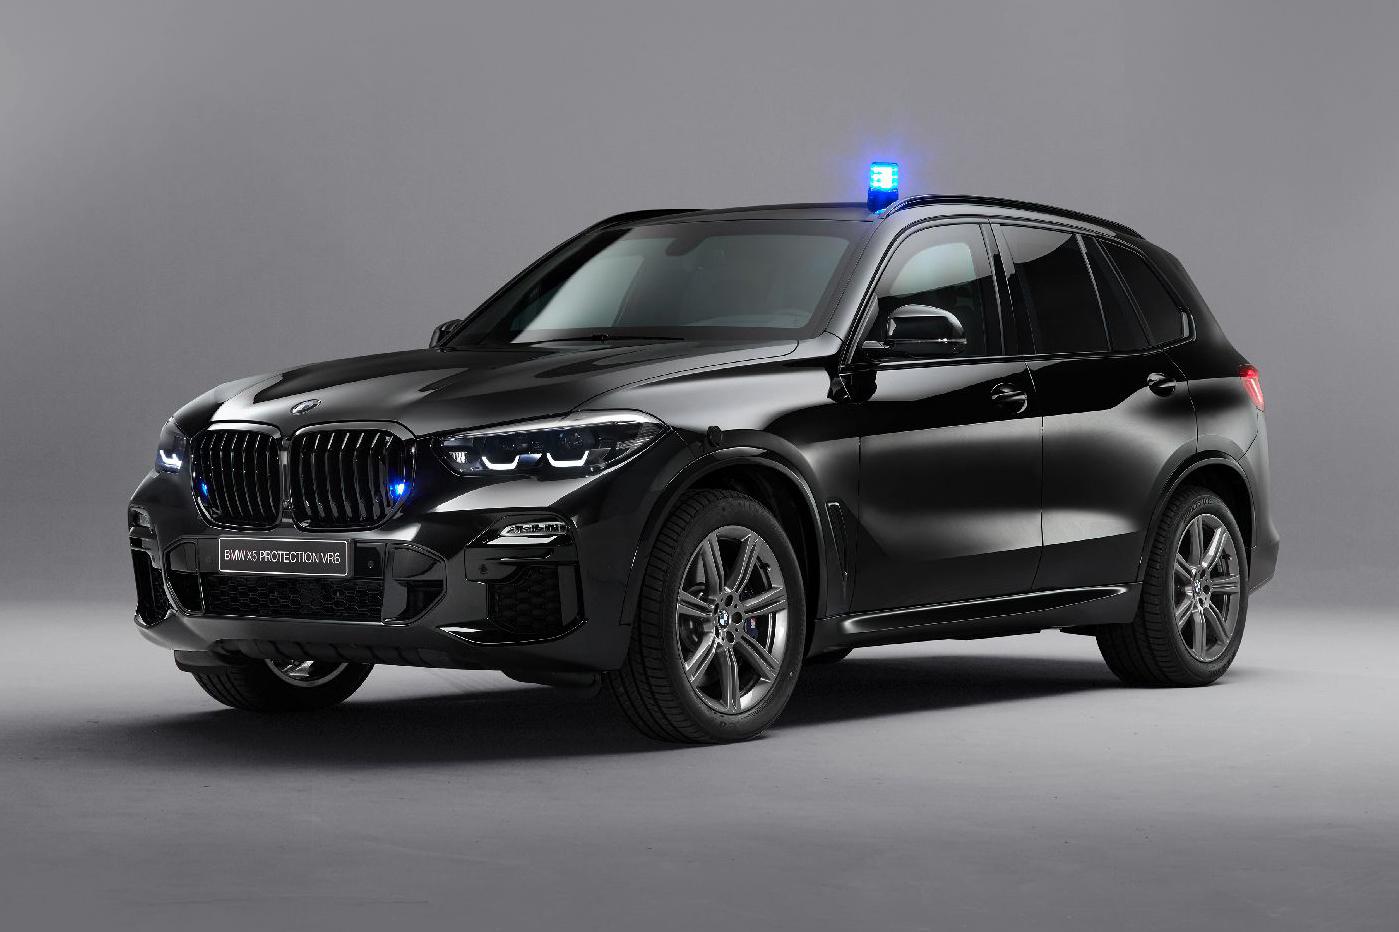 BMW X5 Protection VR6 - SUV bọc thép hạng sang - 03